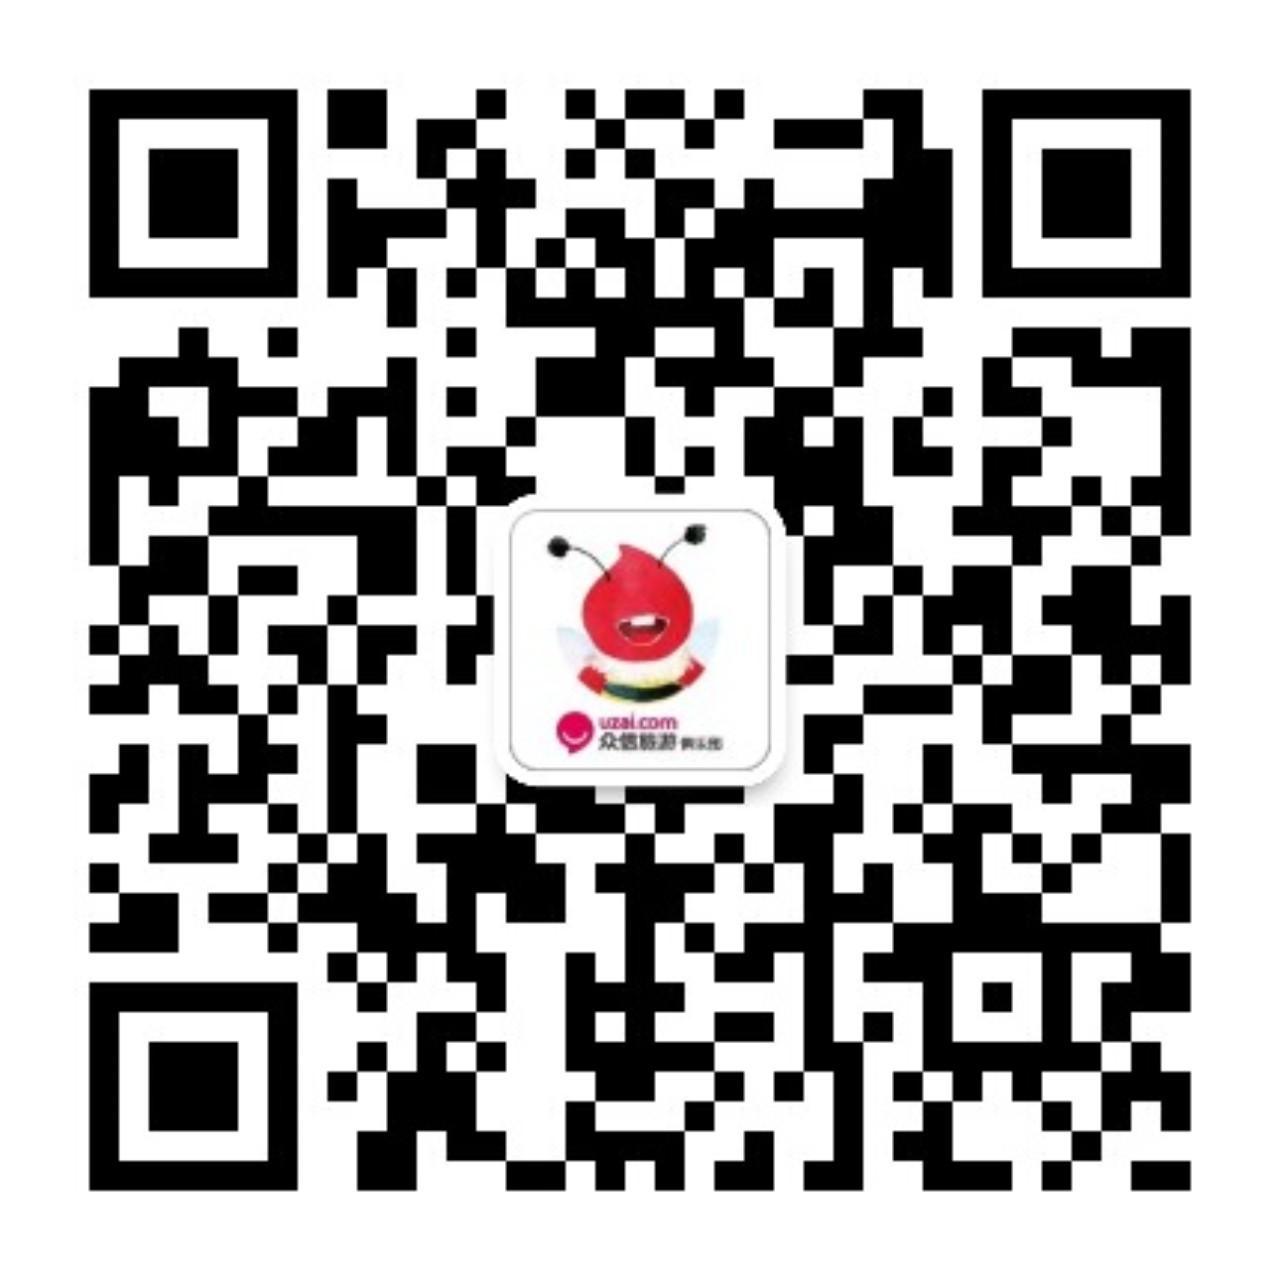 1565156809889022945.jpg